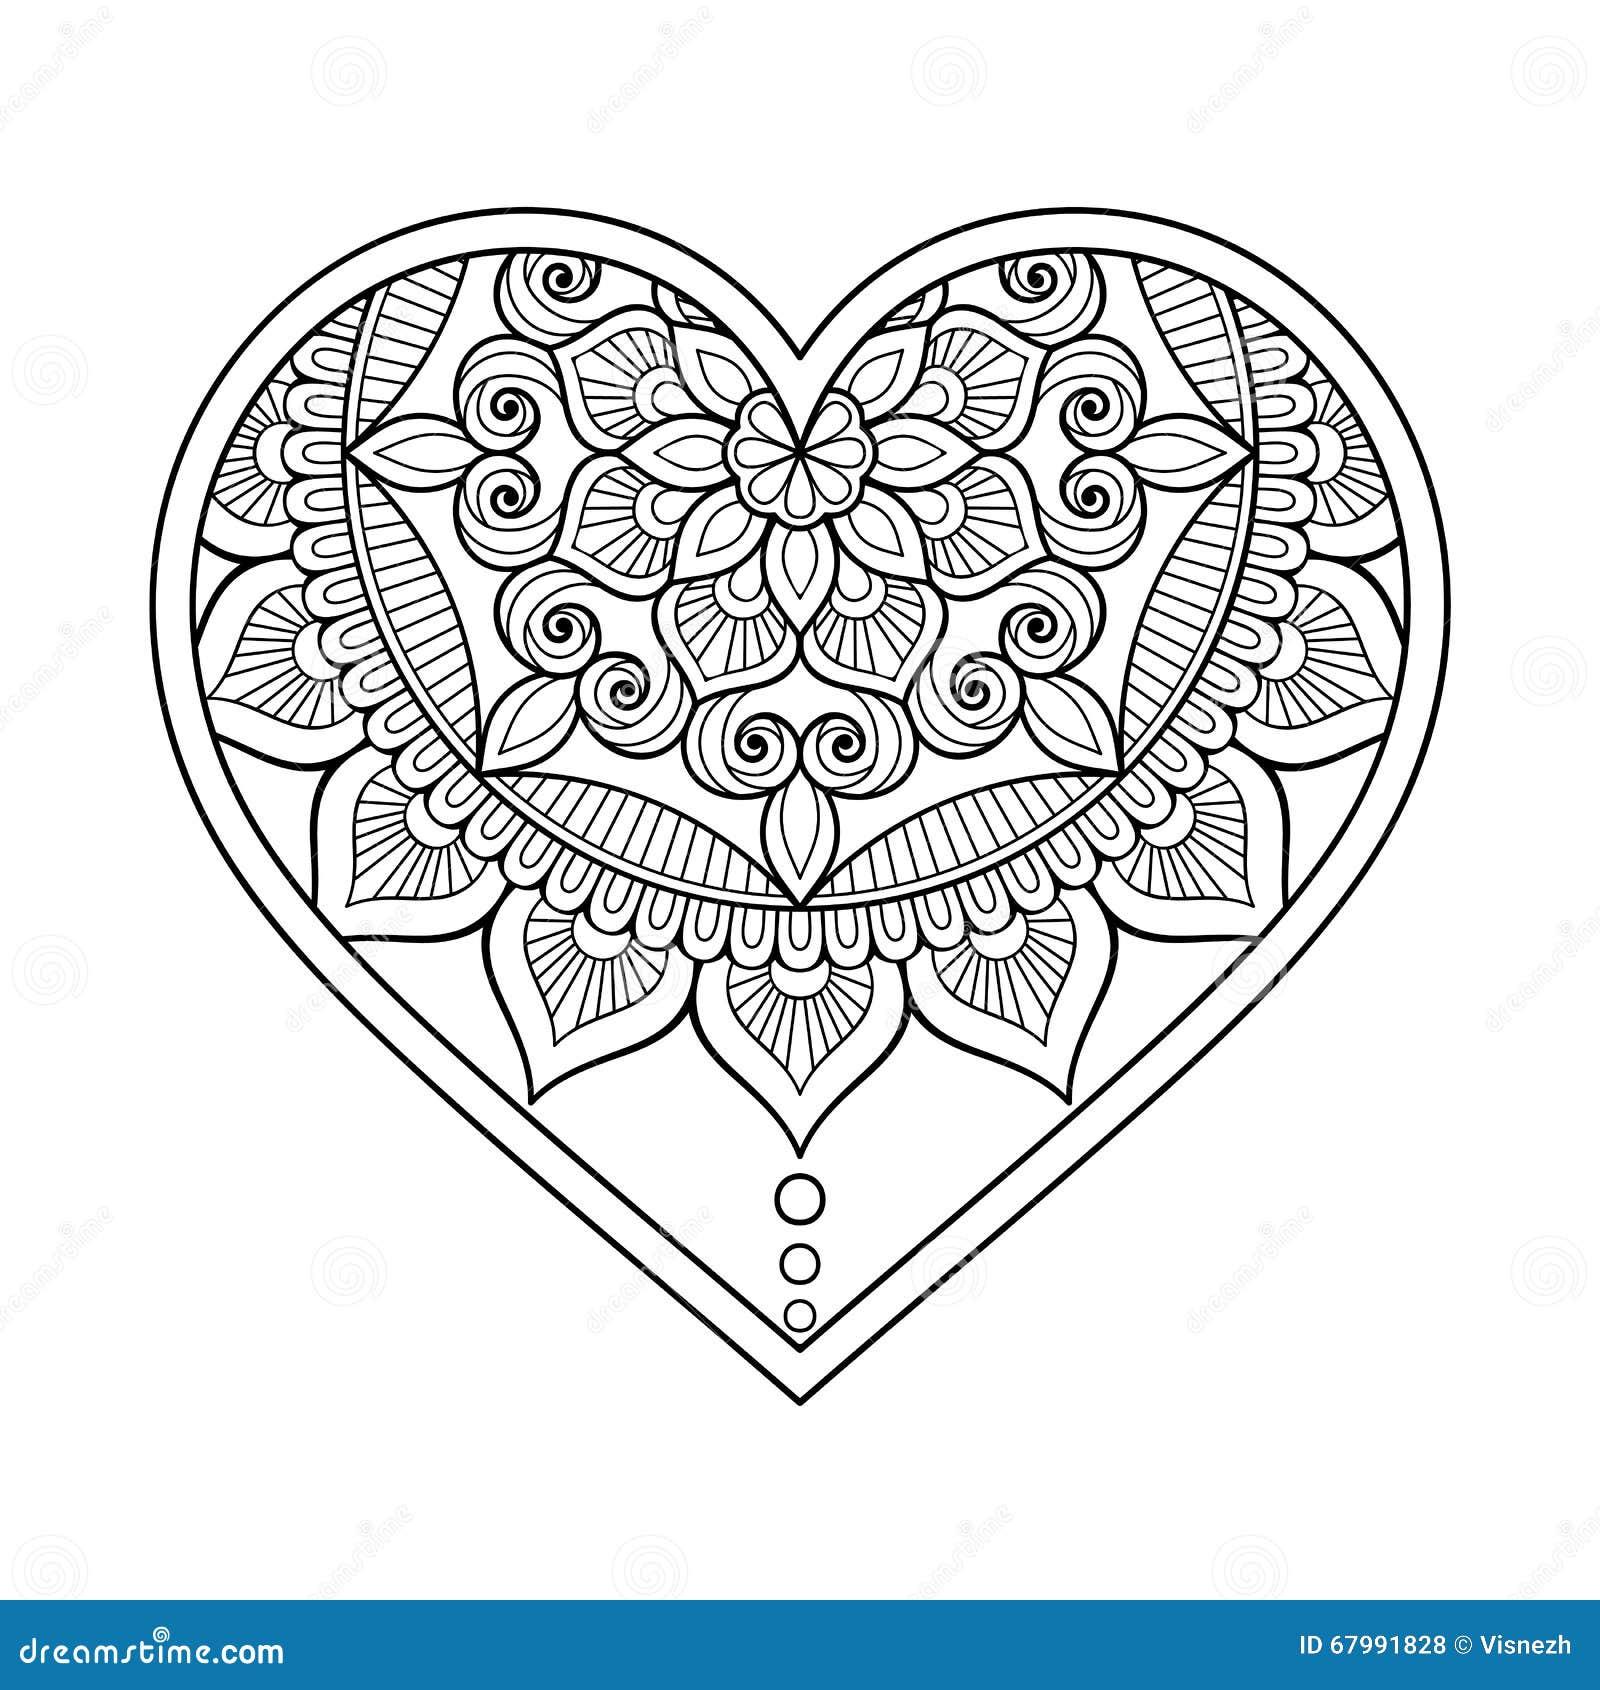 vector ornamental heart stock vector illustration of mandala 67991828